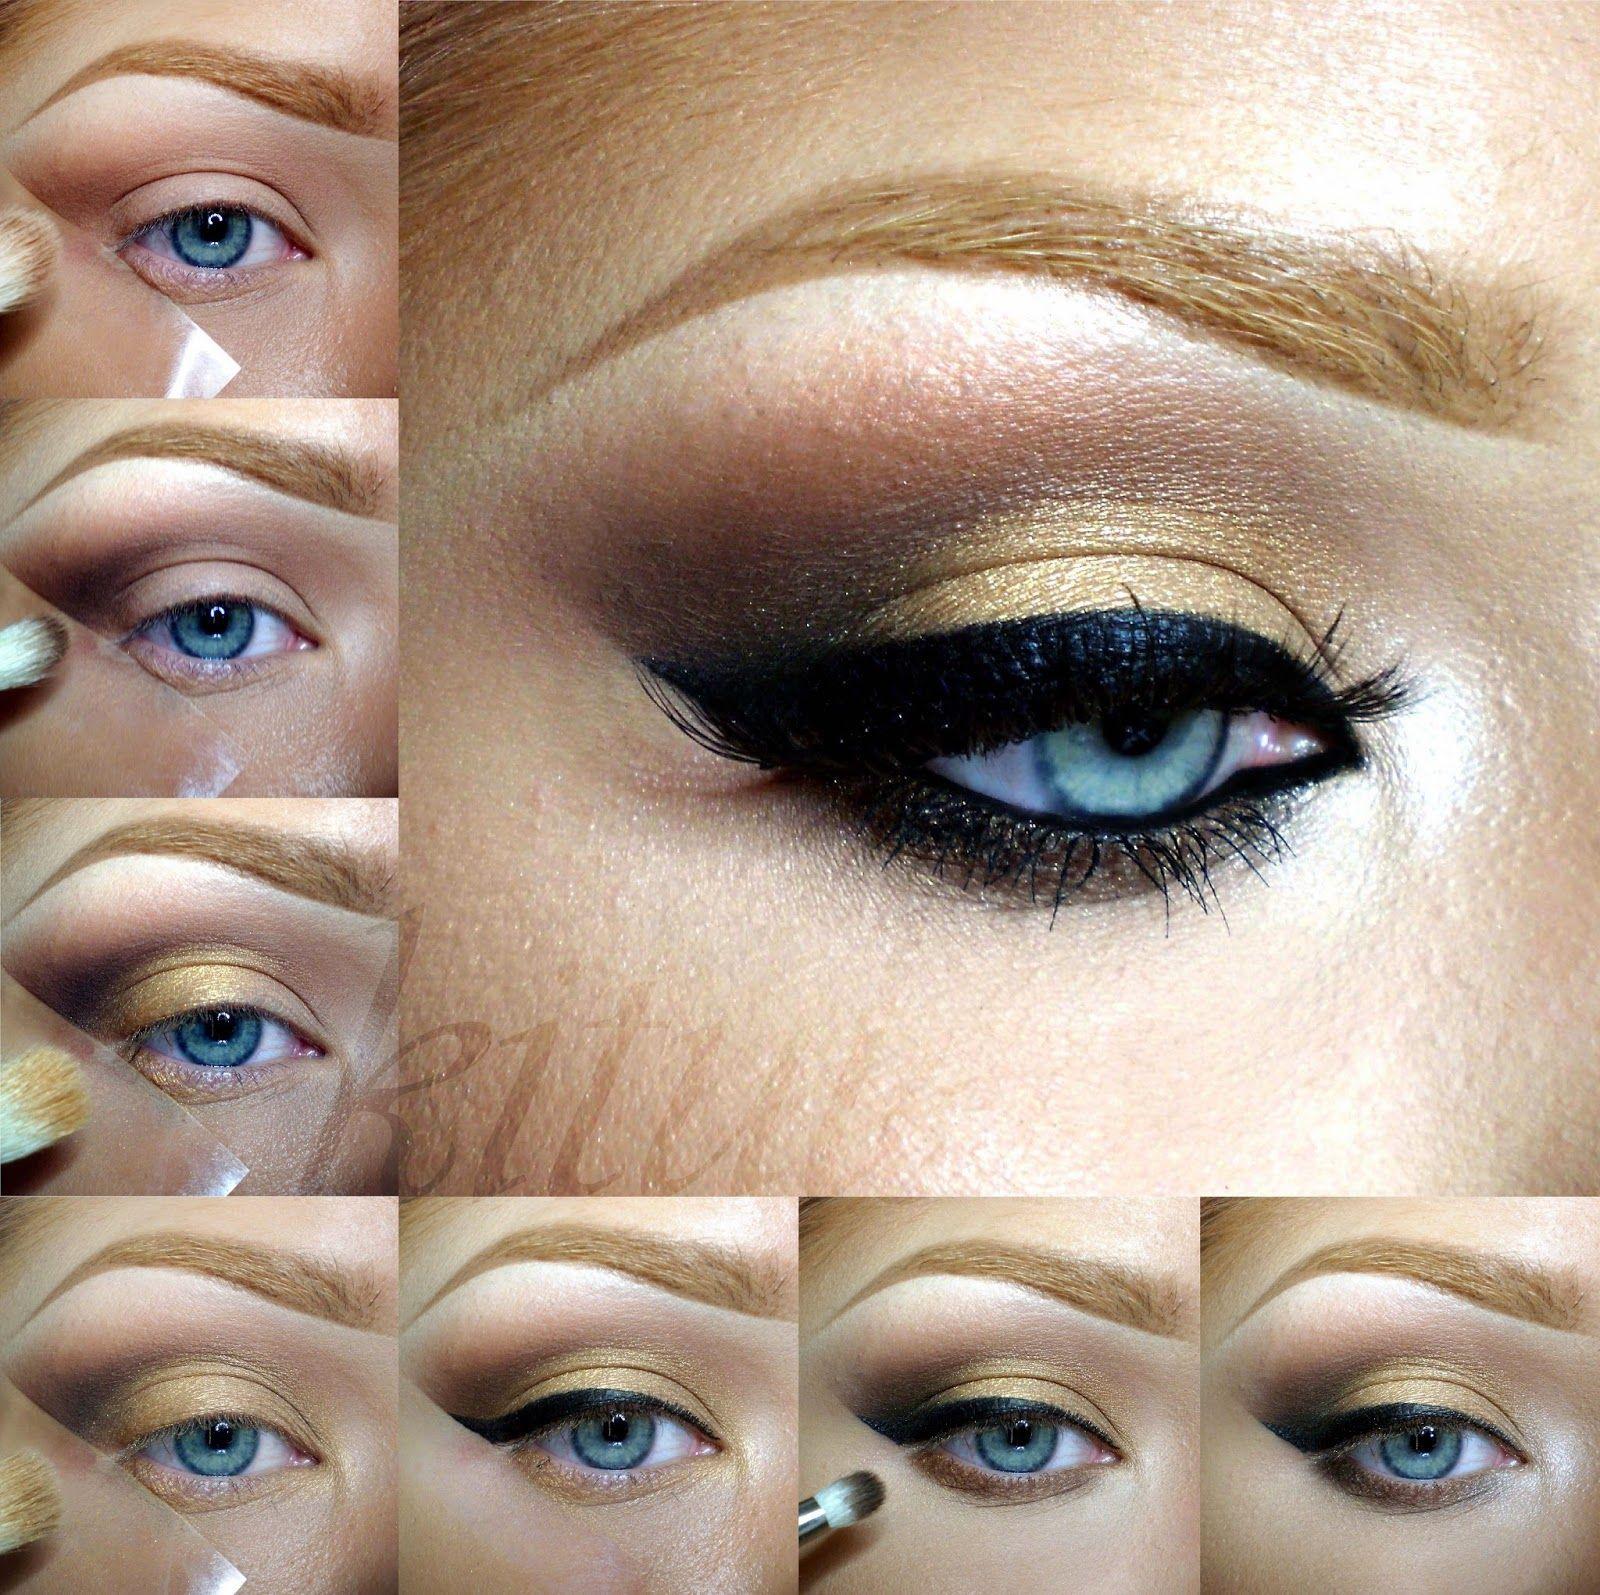 Dumanlı Gözler İle Makyajın Mucizevi Sırları